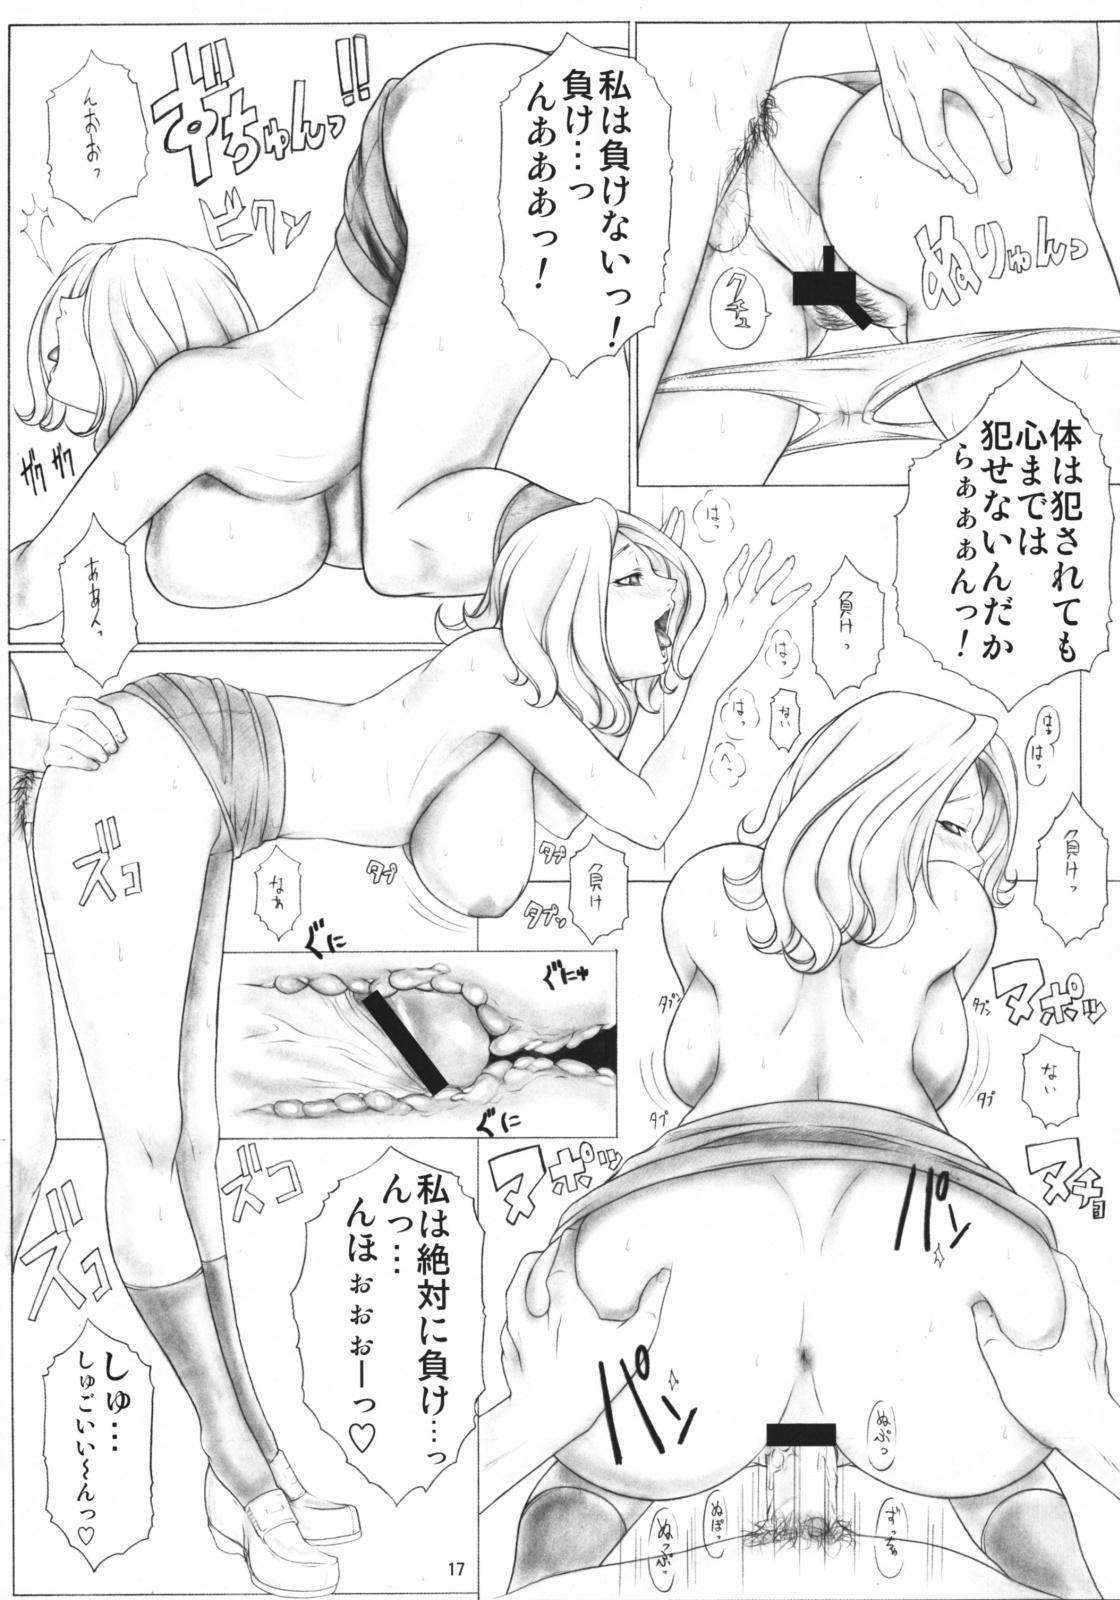 Angel's Stroke 6 - Shinsouban 17